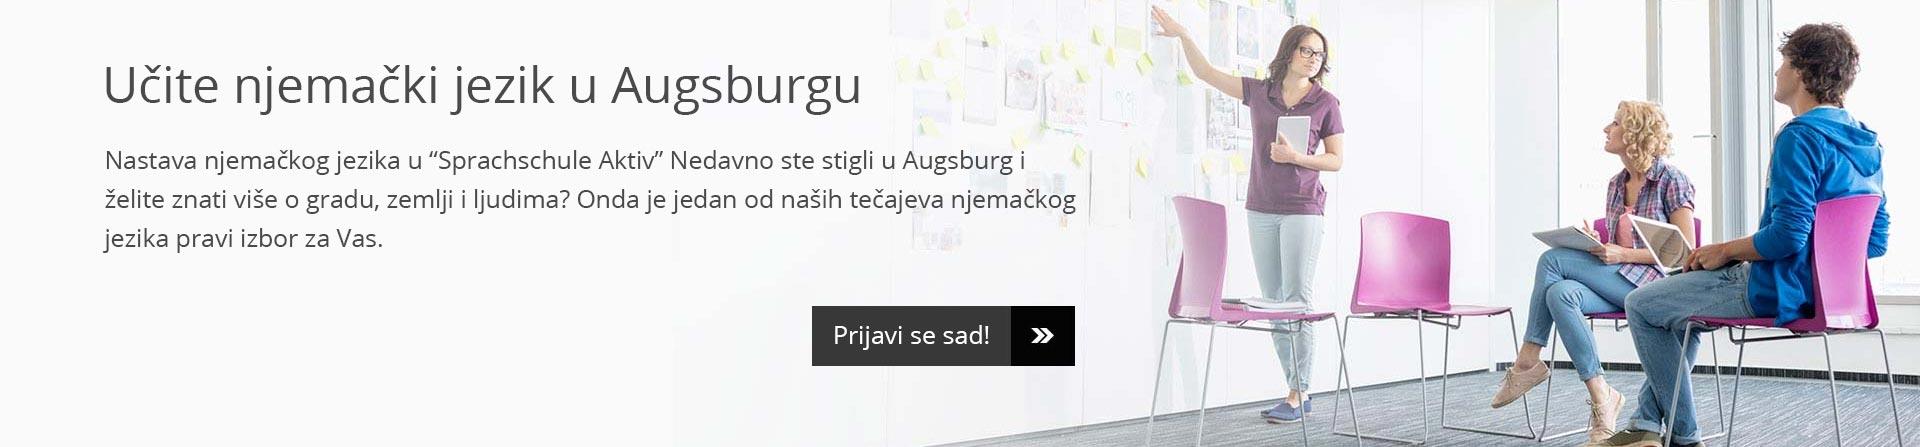 """Učite njemački jezik u Augsburgu – nastava njemačkog jezika u """"Sprachschule Aktiv"""""""